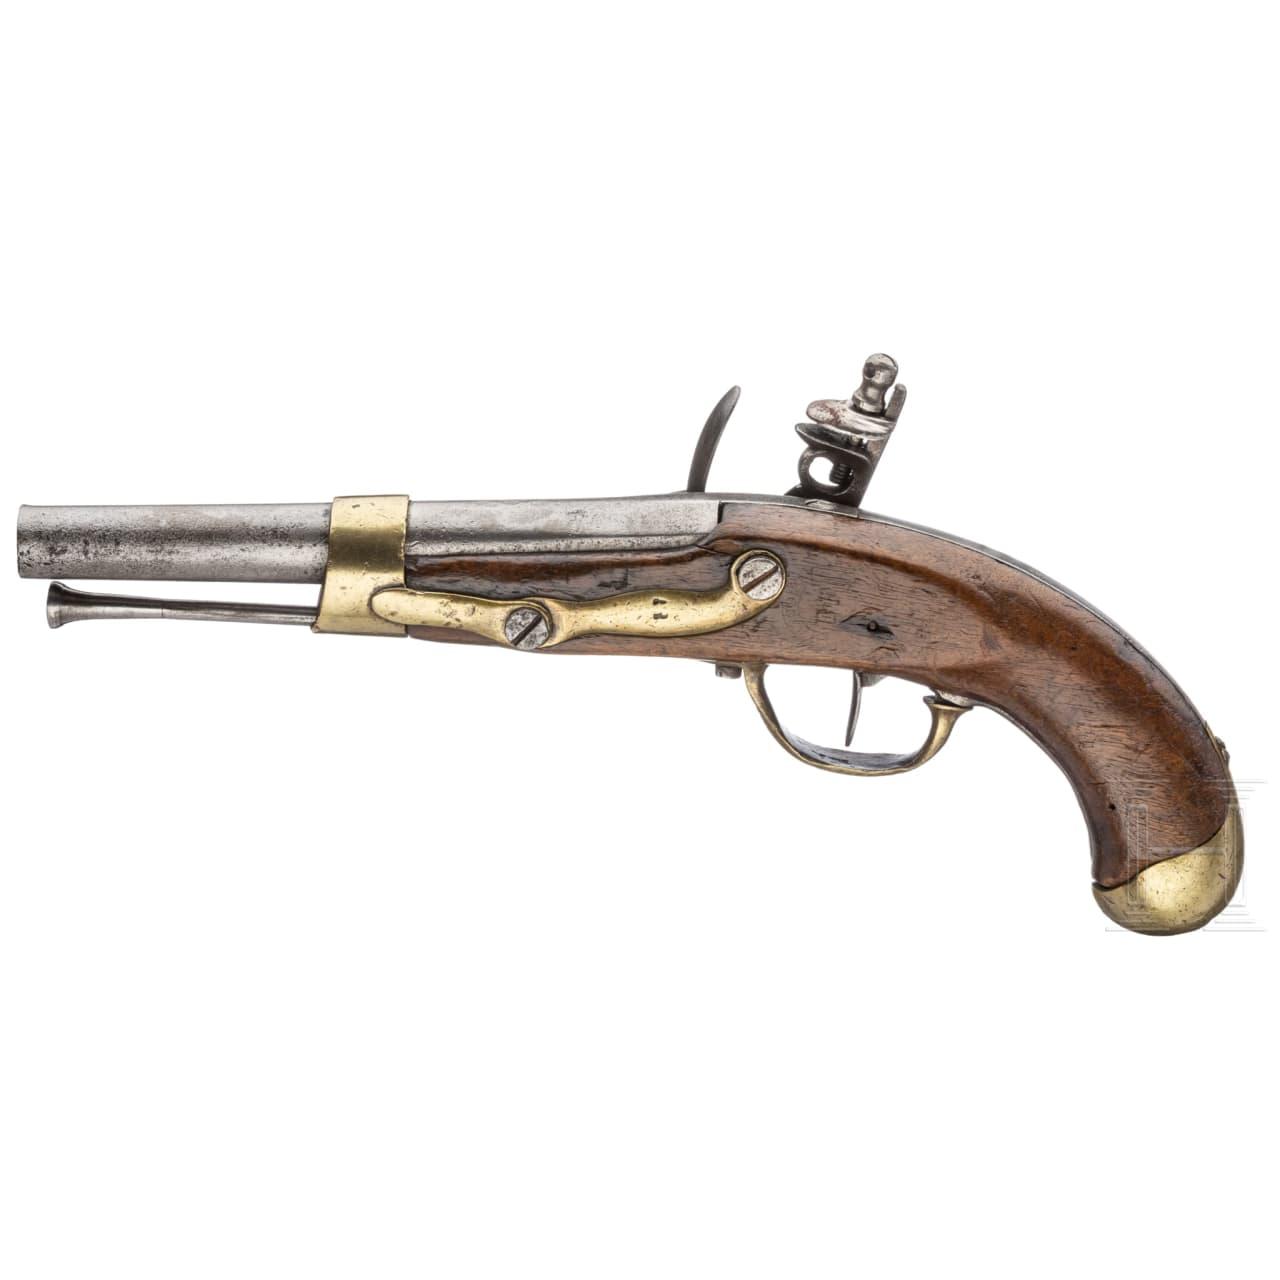 A flintlock pistol, M an 13